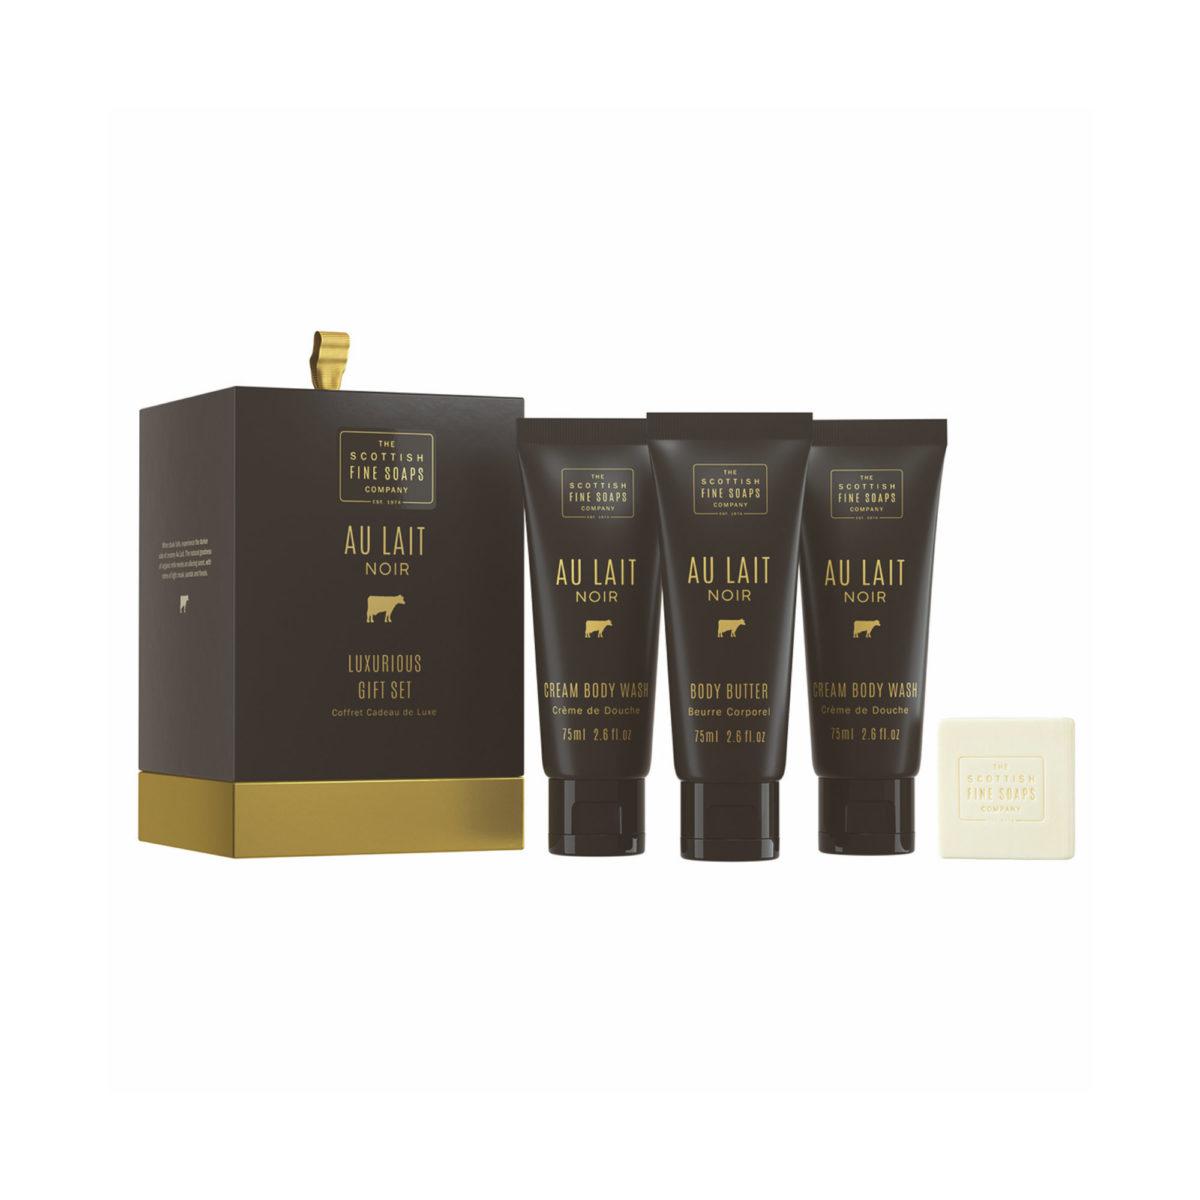 Au Lait Noir Luxurious Body Care Gift Set